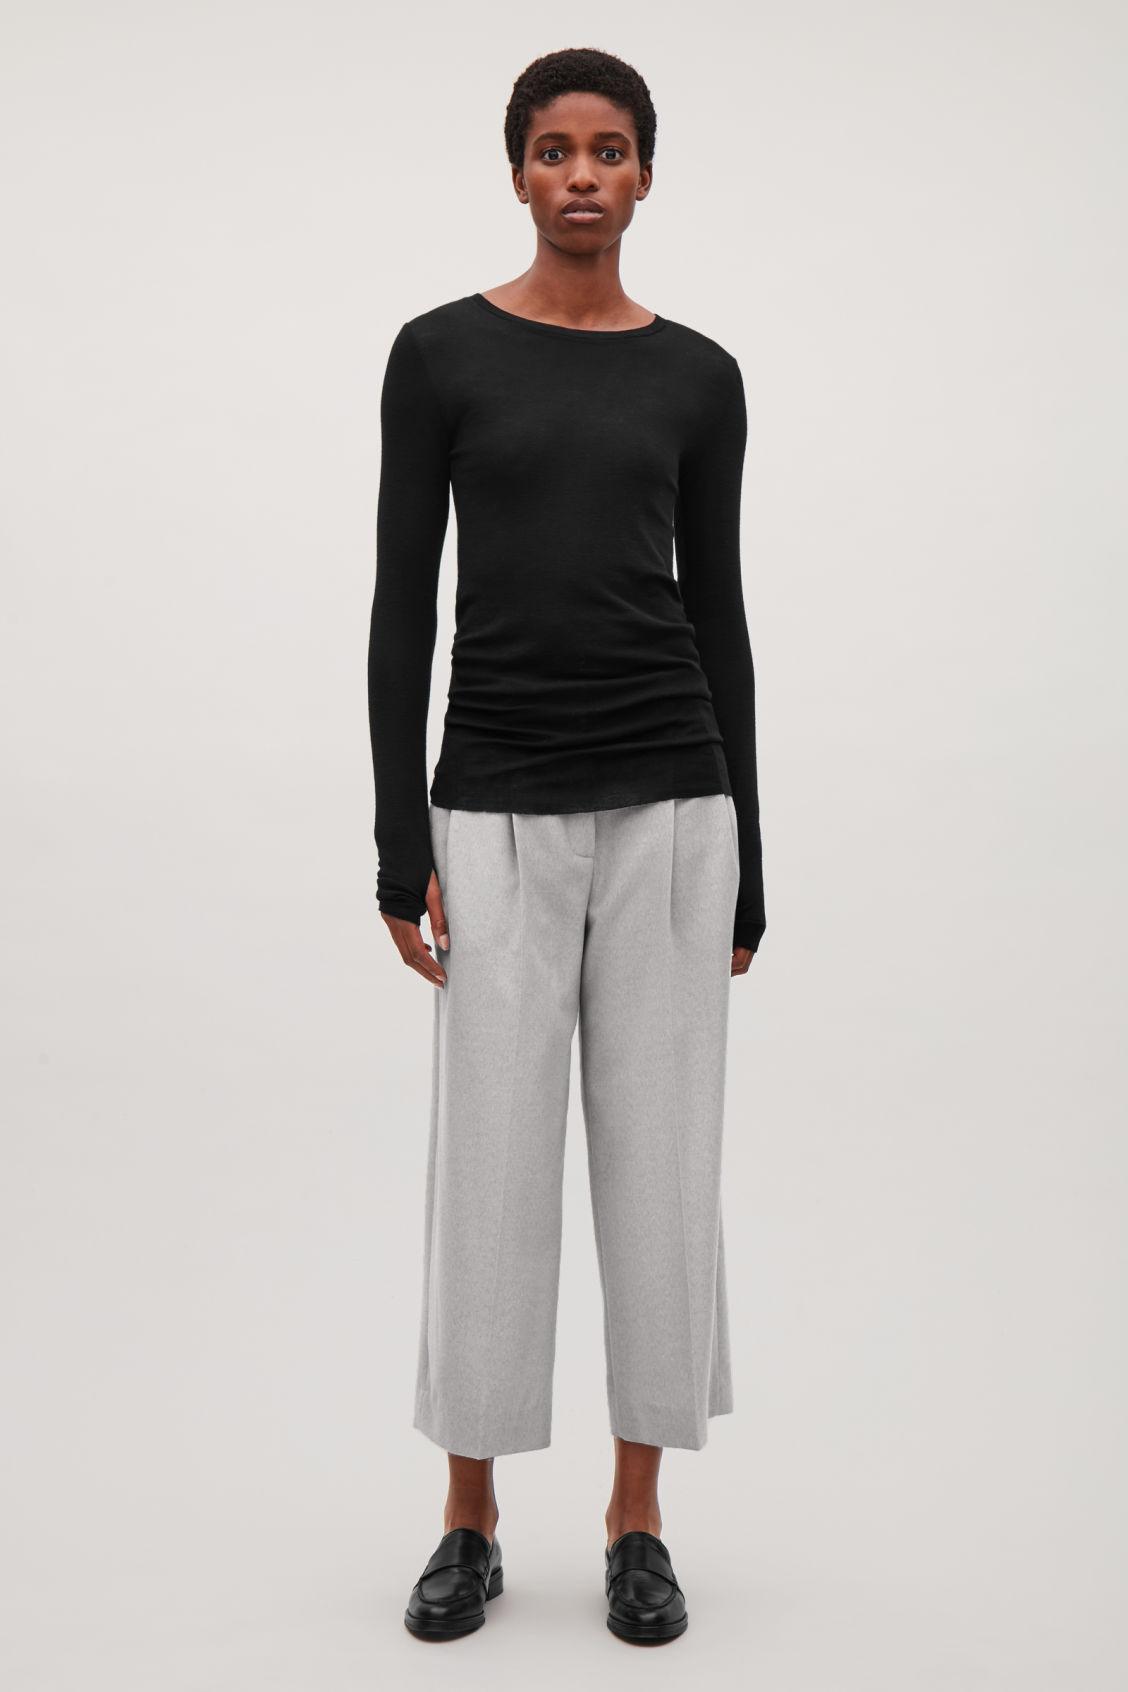 0ac67f3b2a844 Cos Sheer Wool Long-Sleeved Top In Black